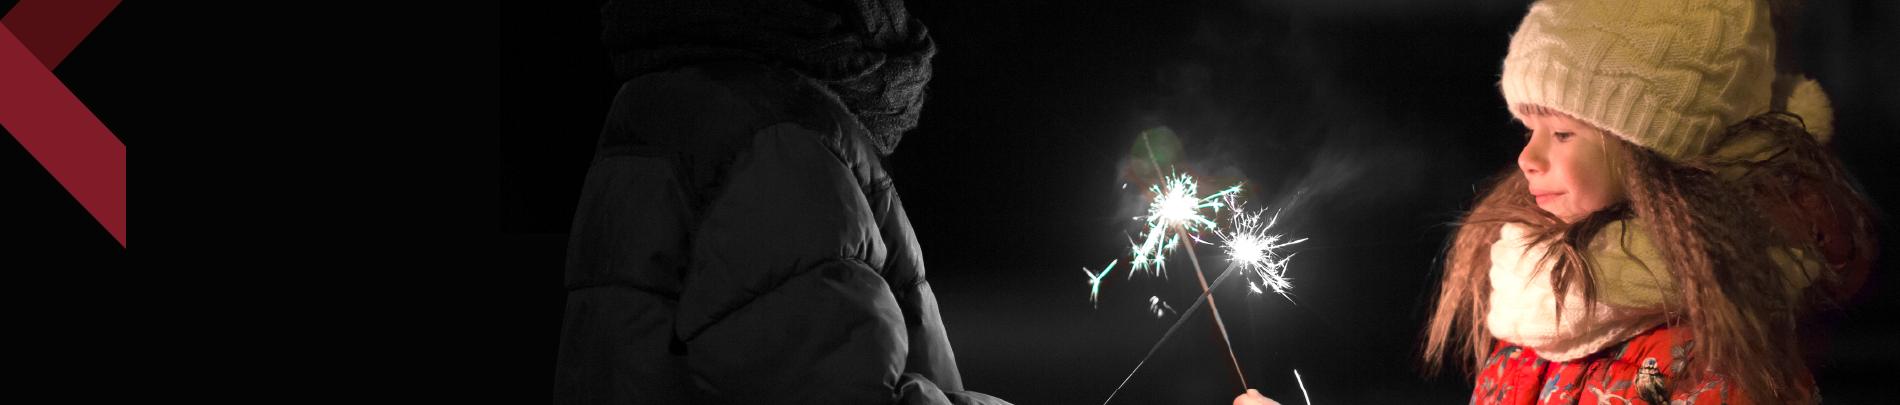 Child holding sparkler